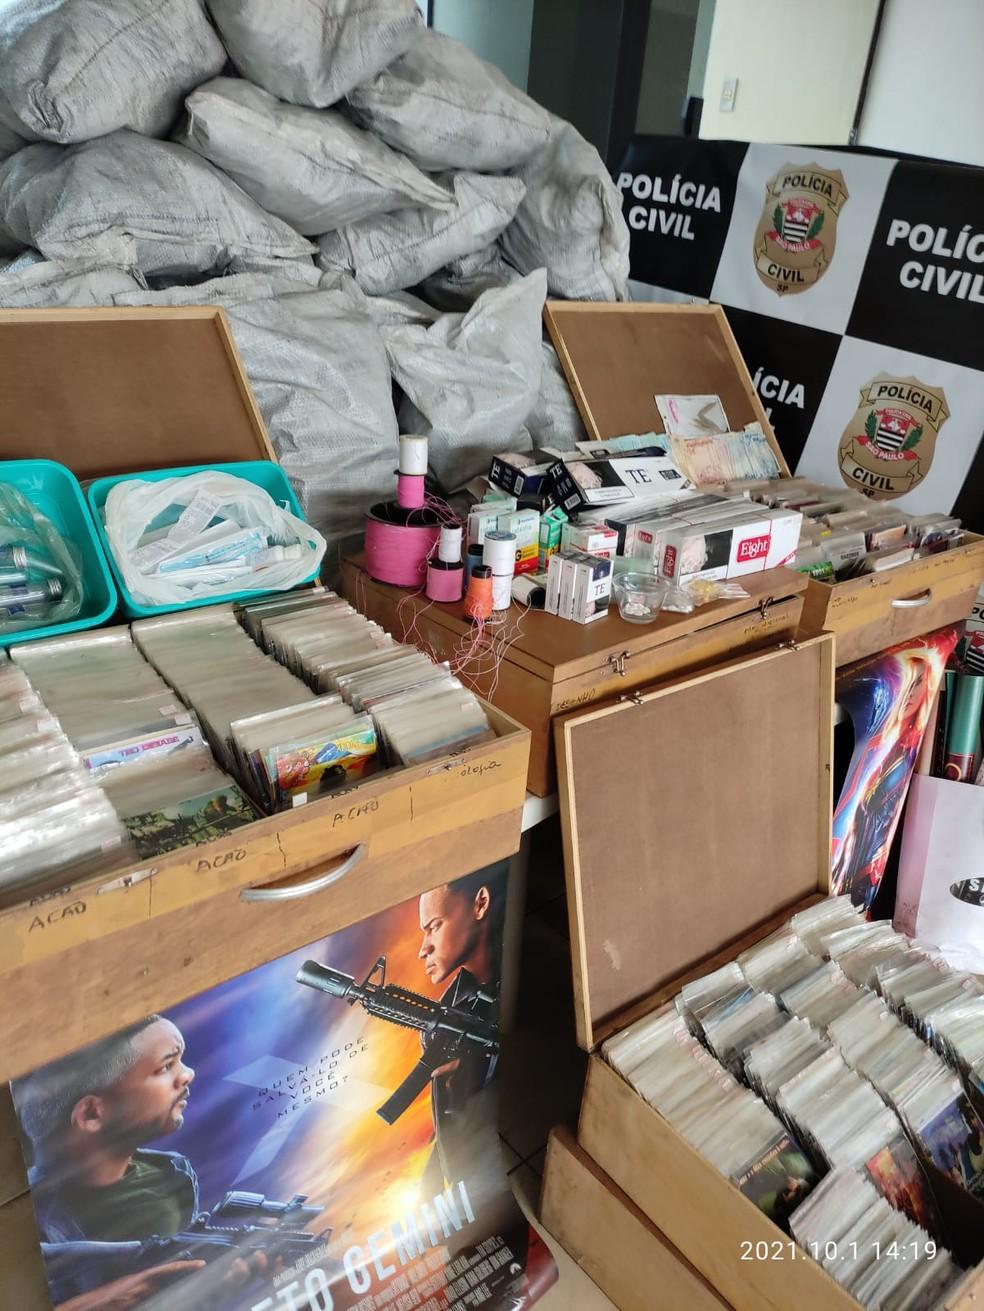 Policiais cumpriram mandado de busca na sexta-feira (1º) — Foto: Polícia Civil/Divulgação